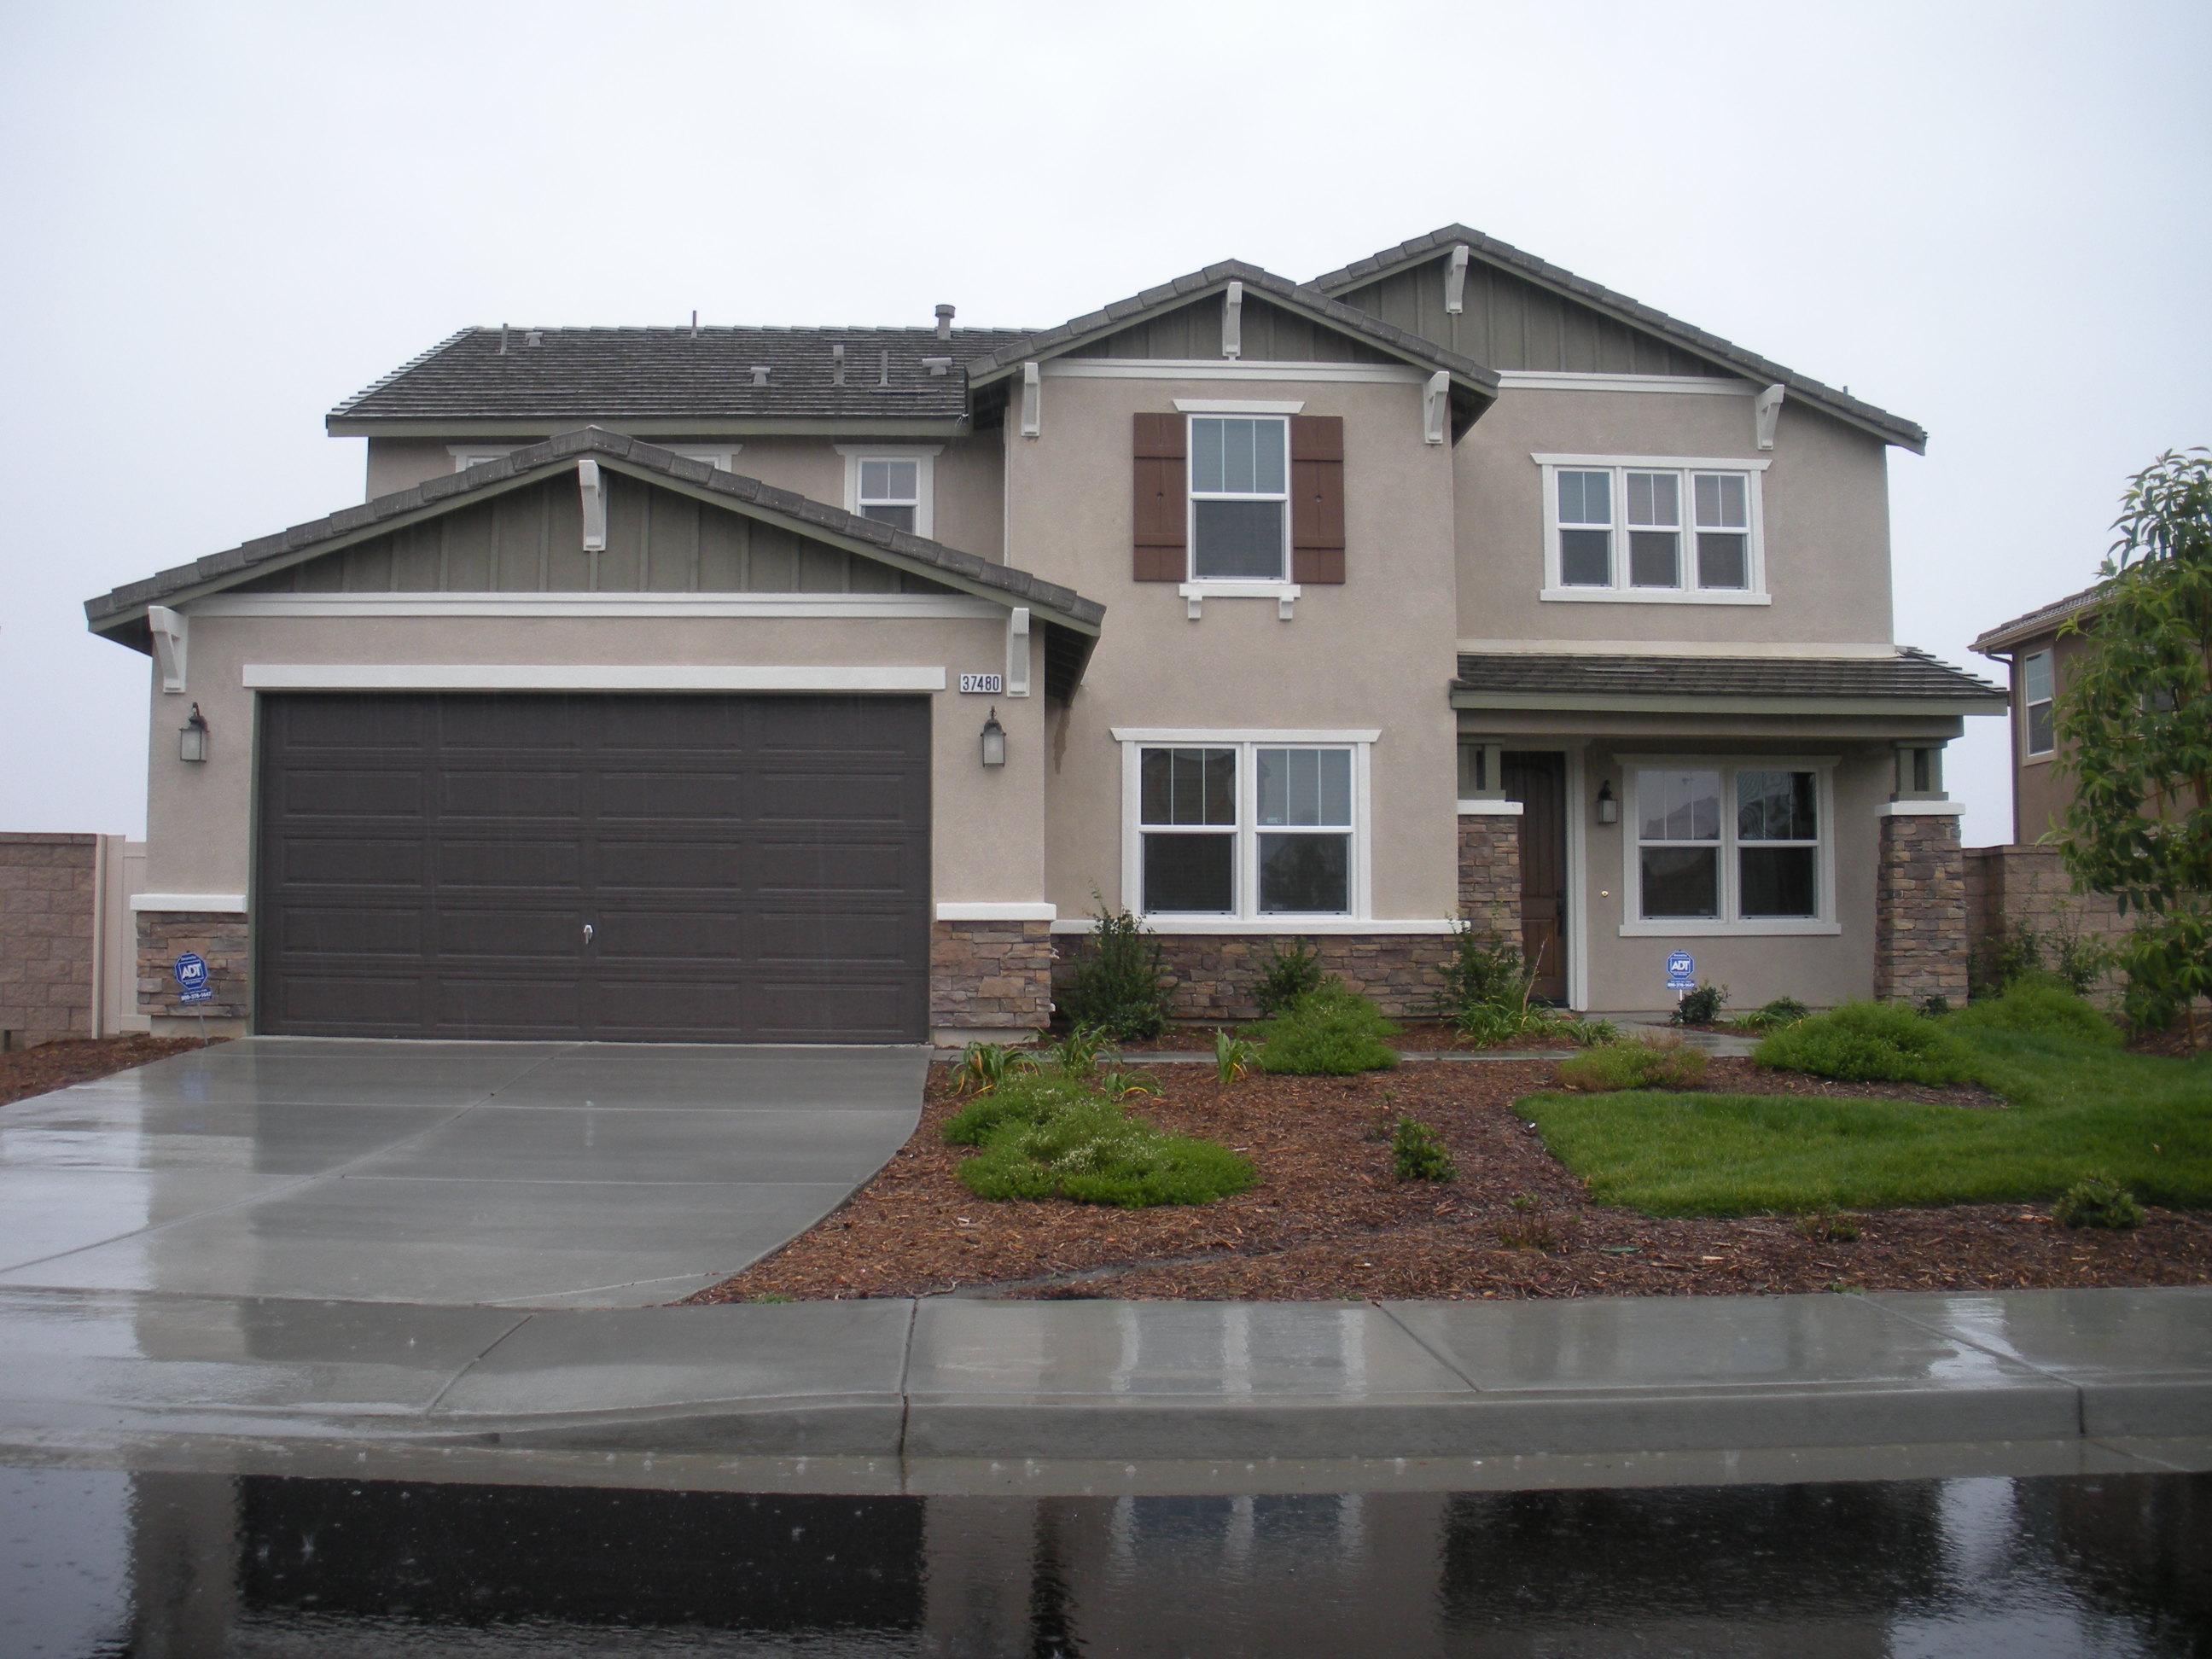 Murrieta New Home Murrieta California - Sold